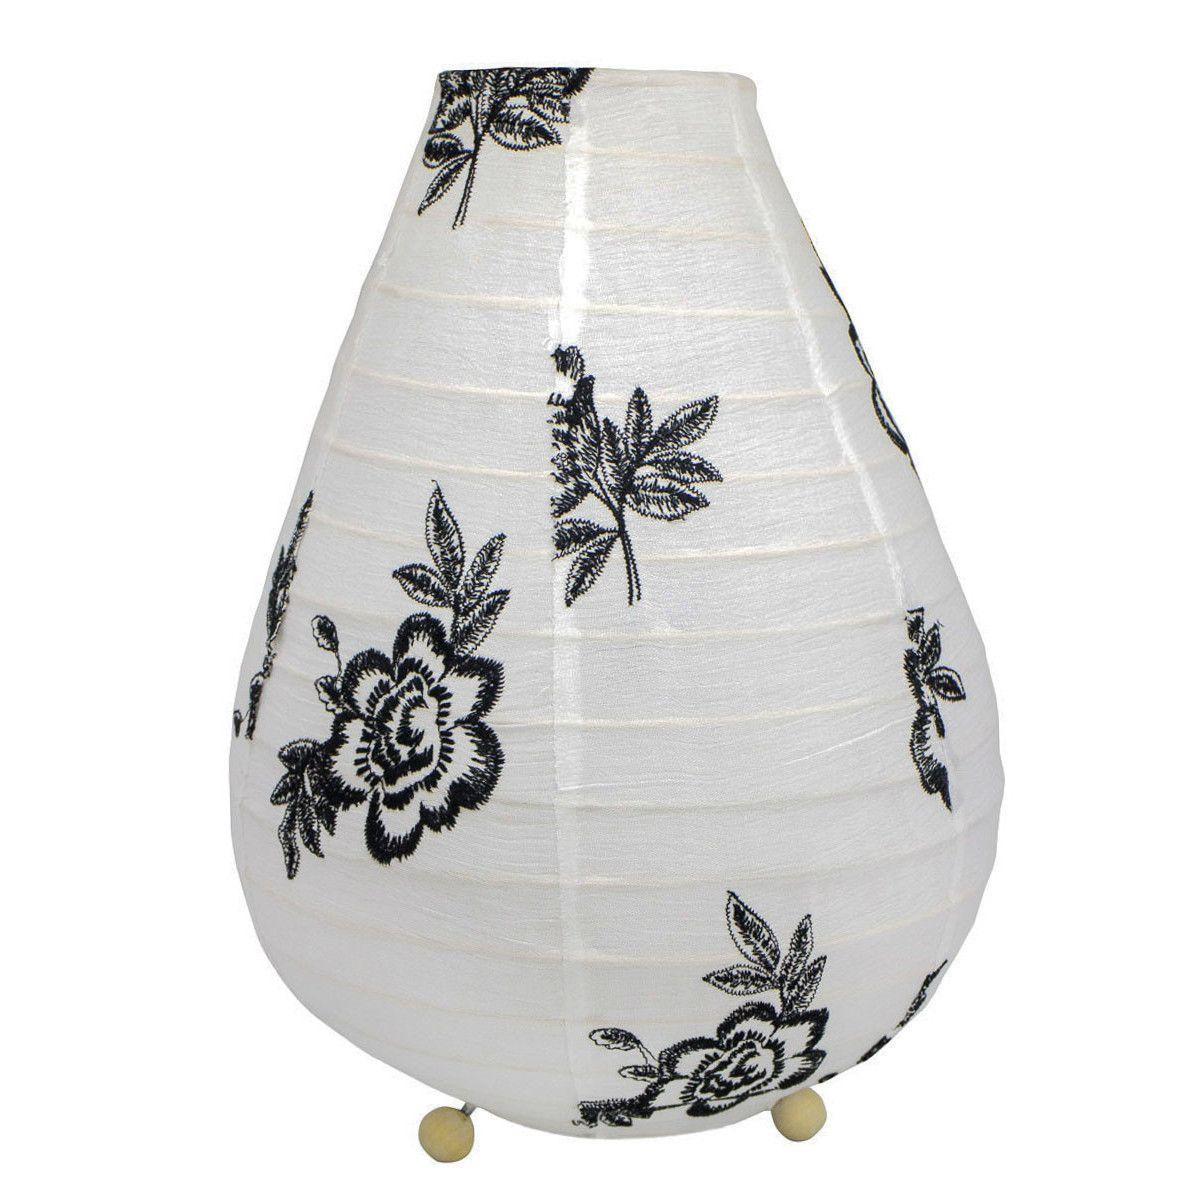 Lampe lampion de chevet tissu blanc et roses noires brodées